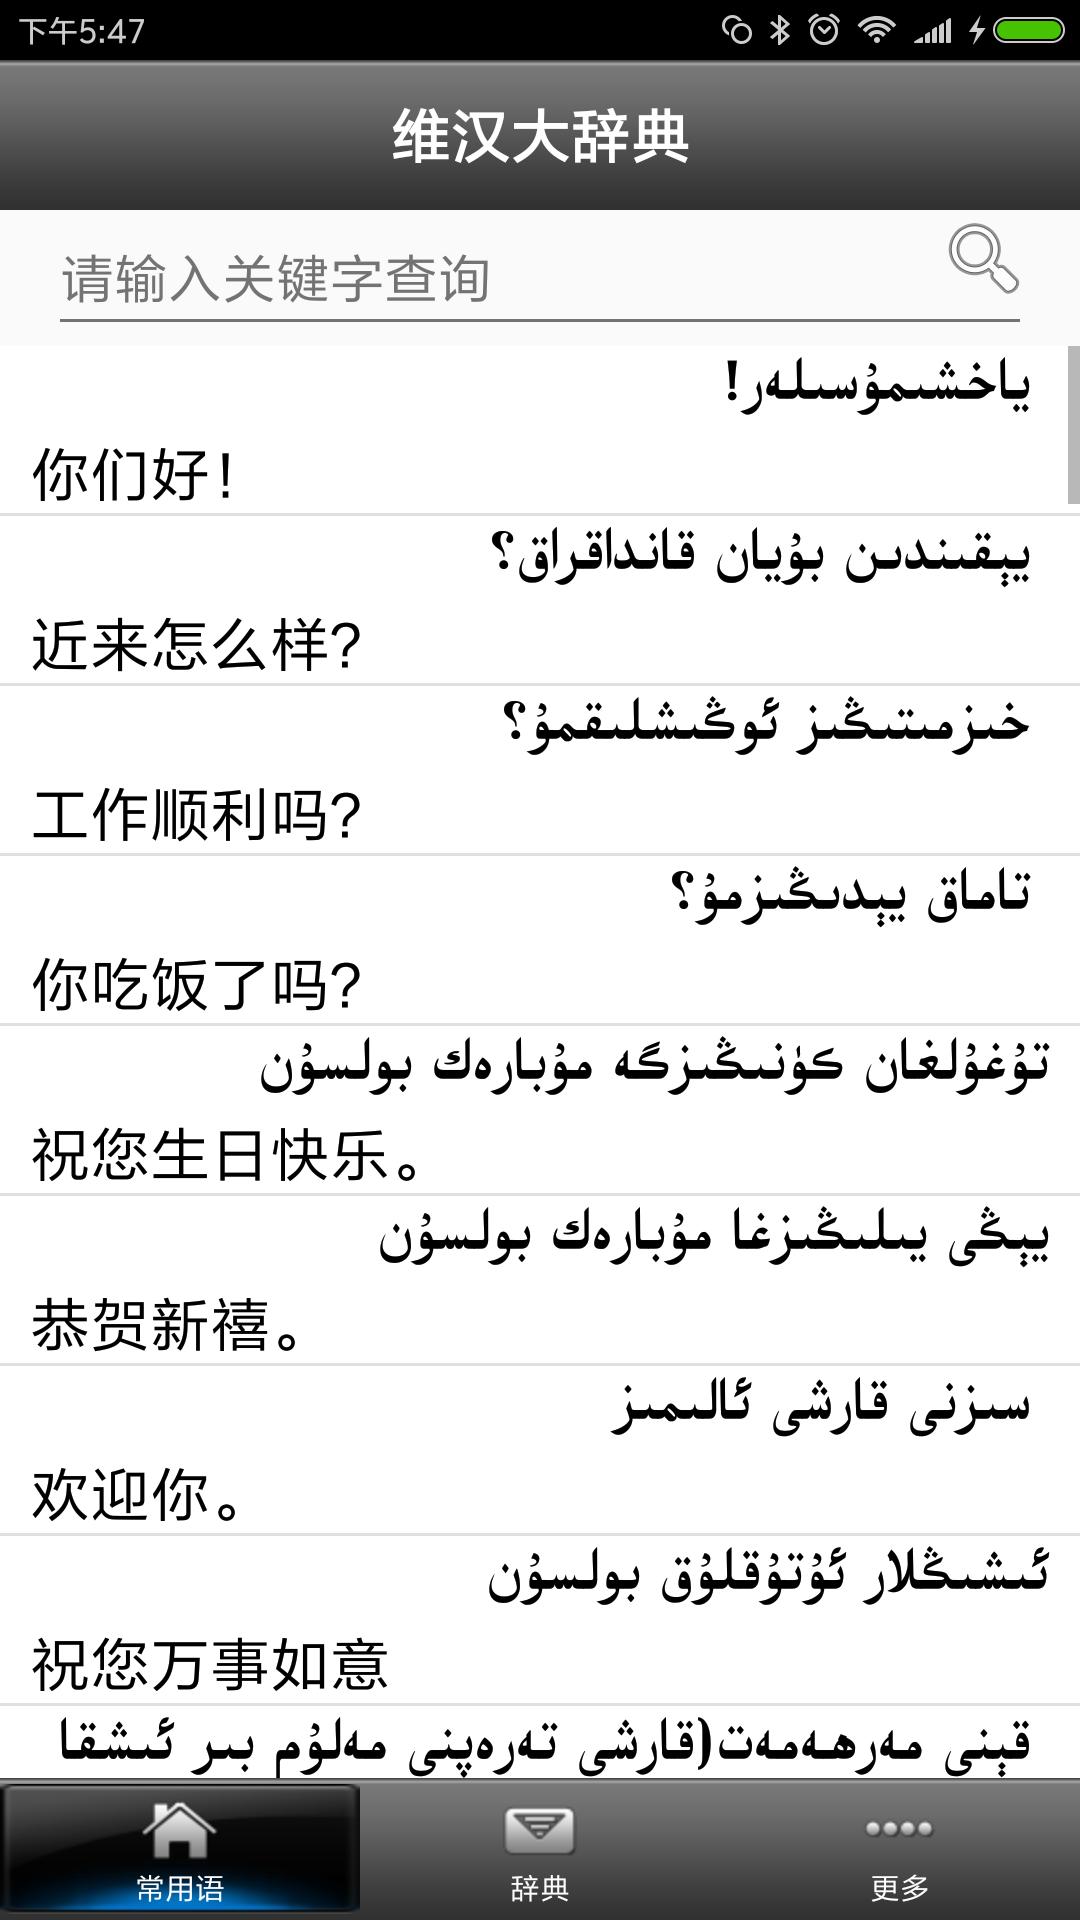 维汉大辞典